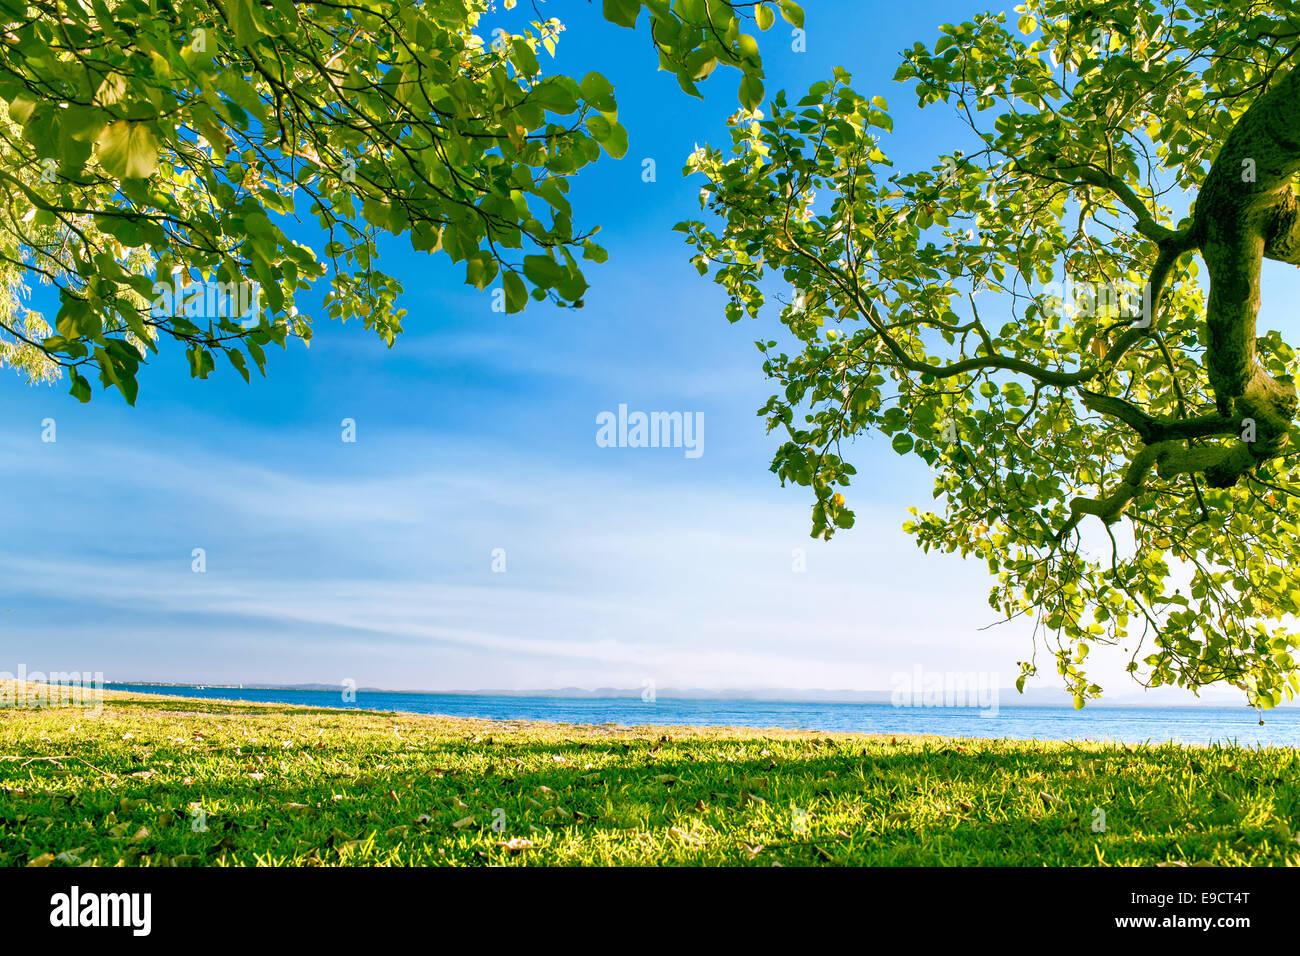 Las vistas del océano desde parque enmarcado por verdes árboles y ...